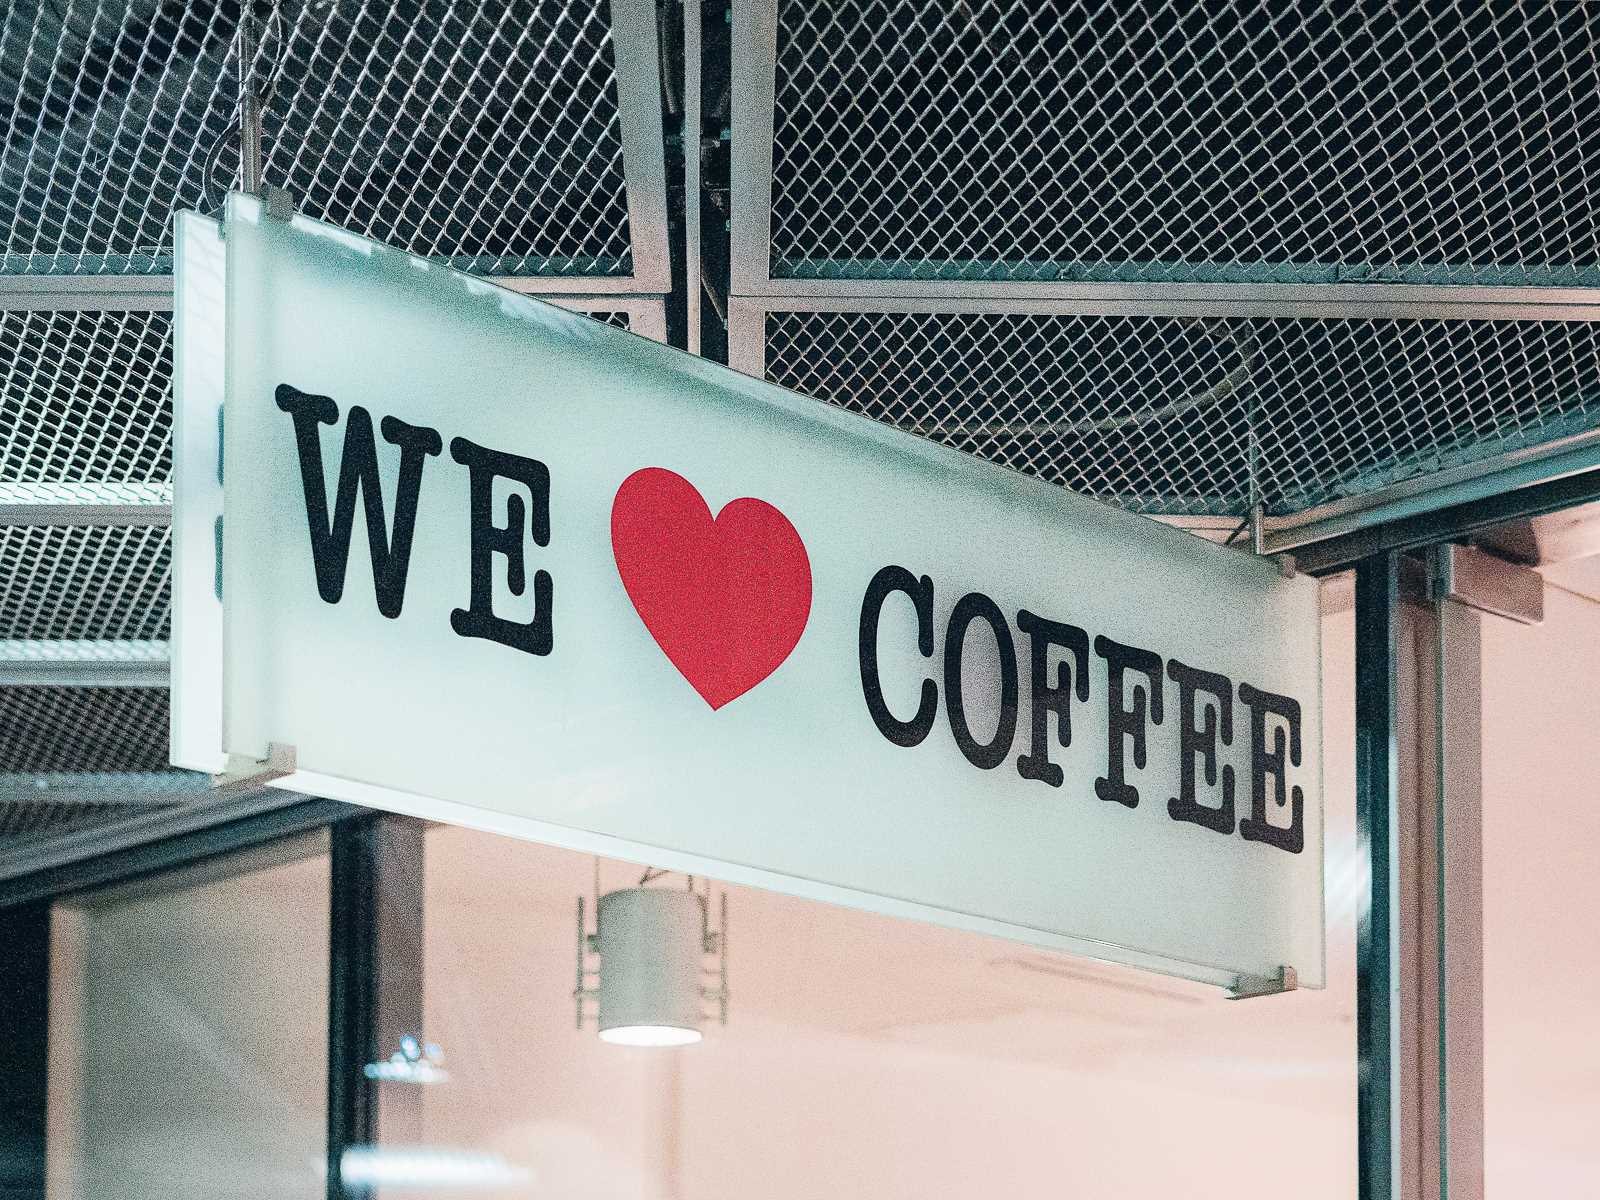 We love coffee in der Passerelle zum S-Bahnhof Potsdamer Platz